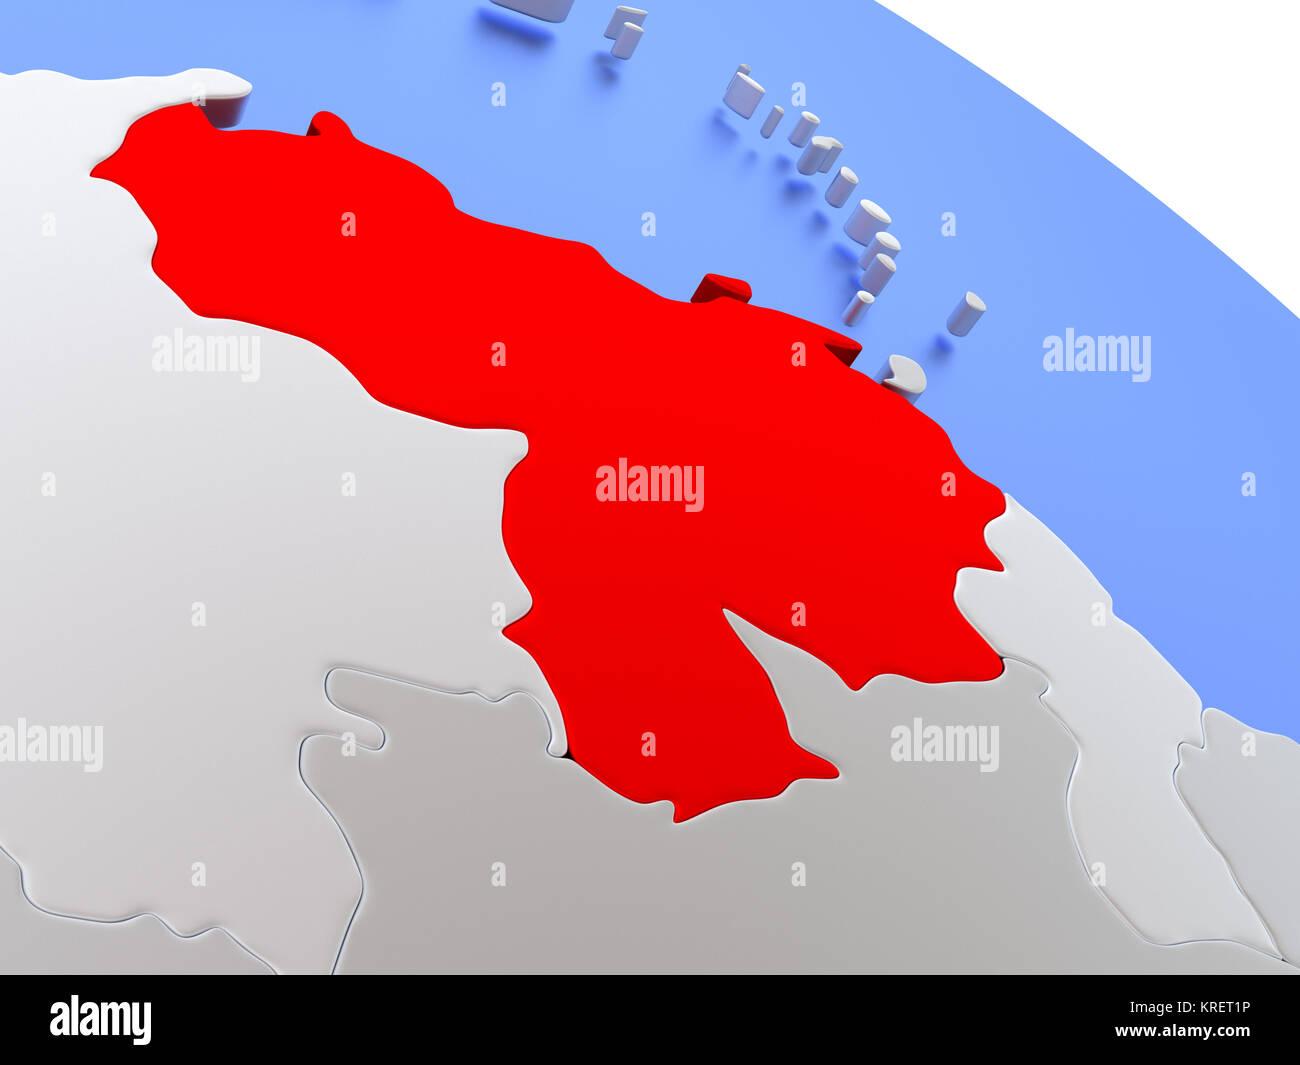 Venezuela on world map Stock Photo: 169356594 - Alamy